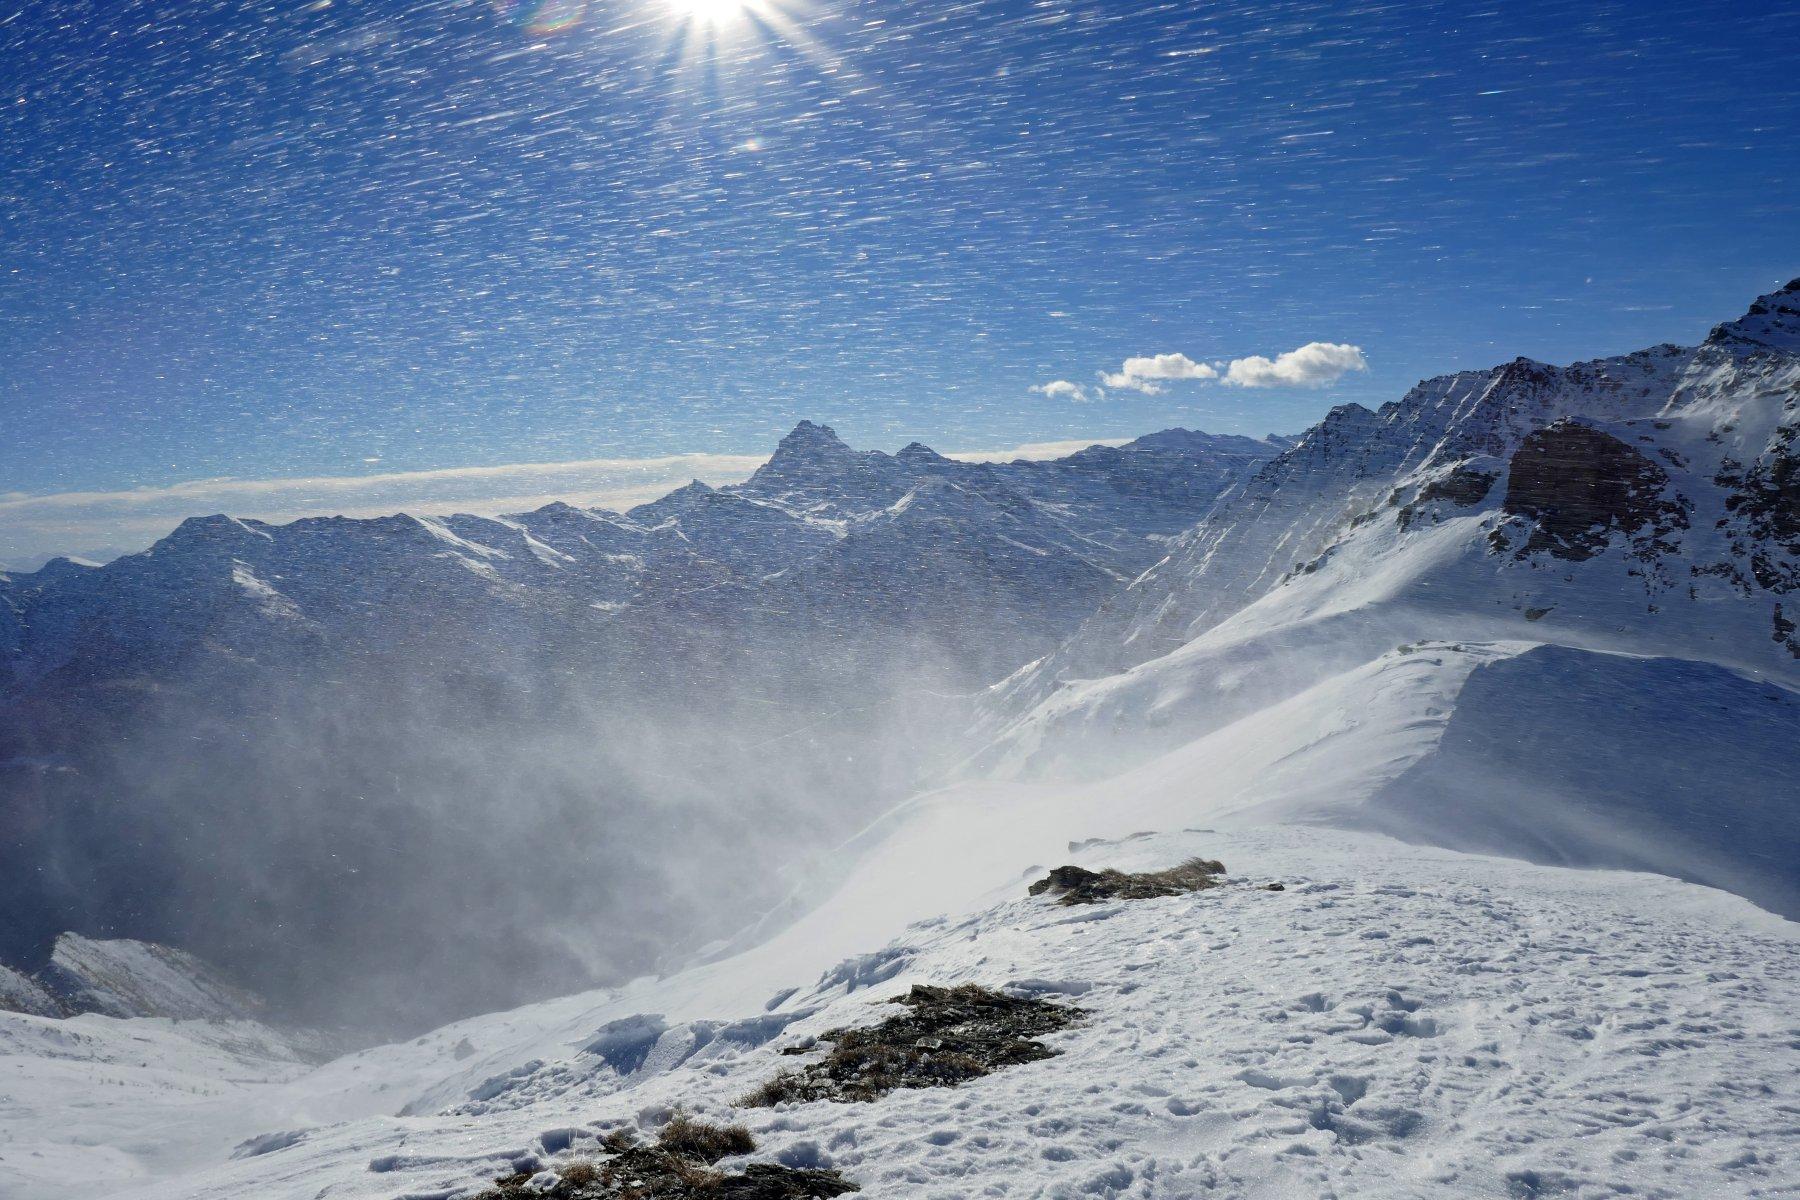 Foto da poco sotto la cima, evidenti i turbini di neve e le raffiche di vento